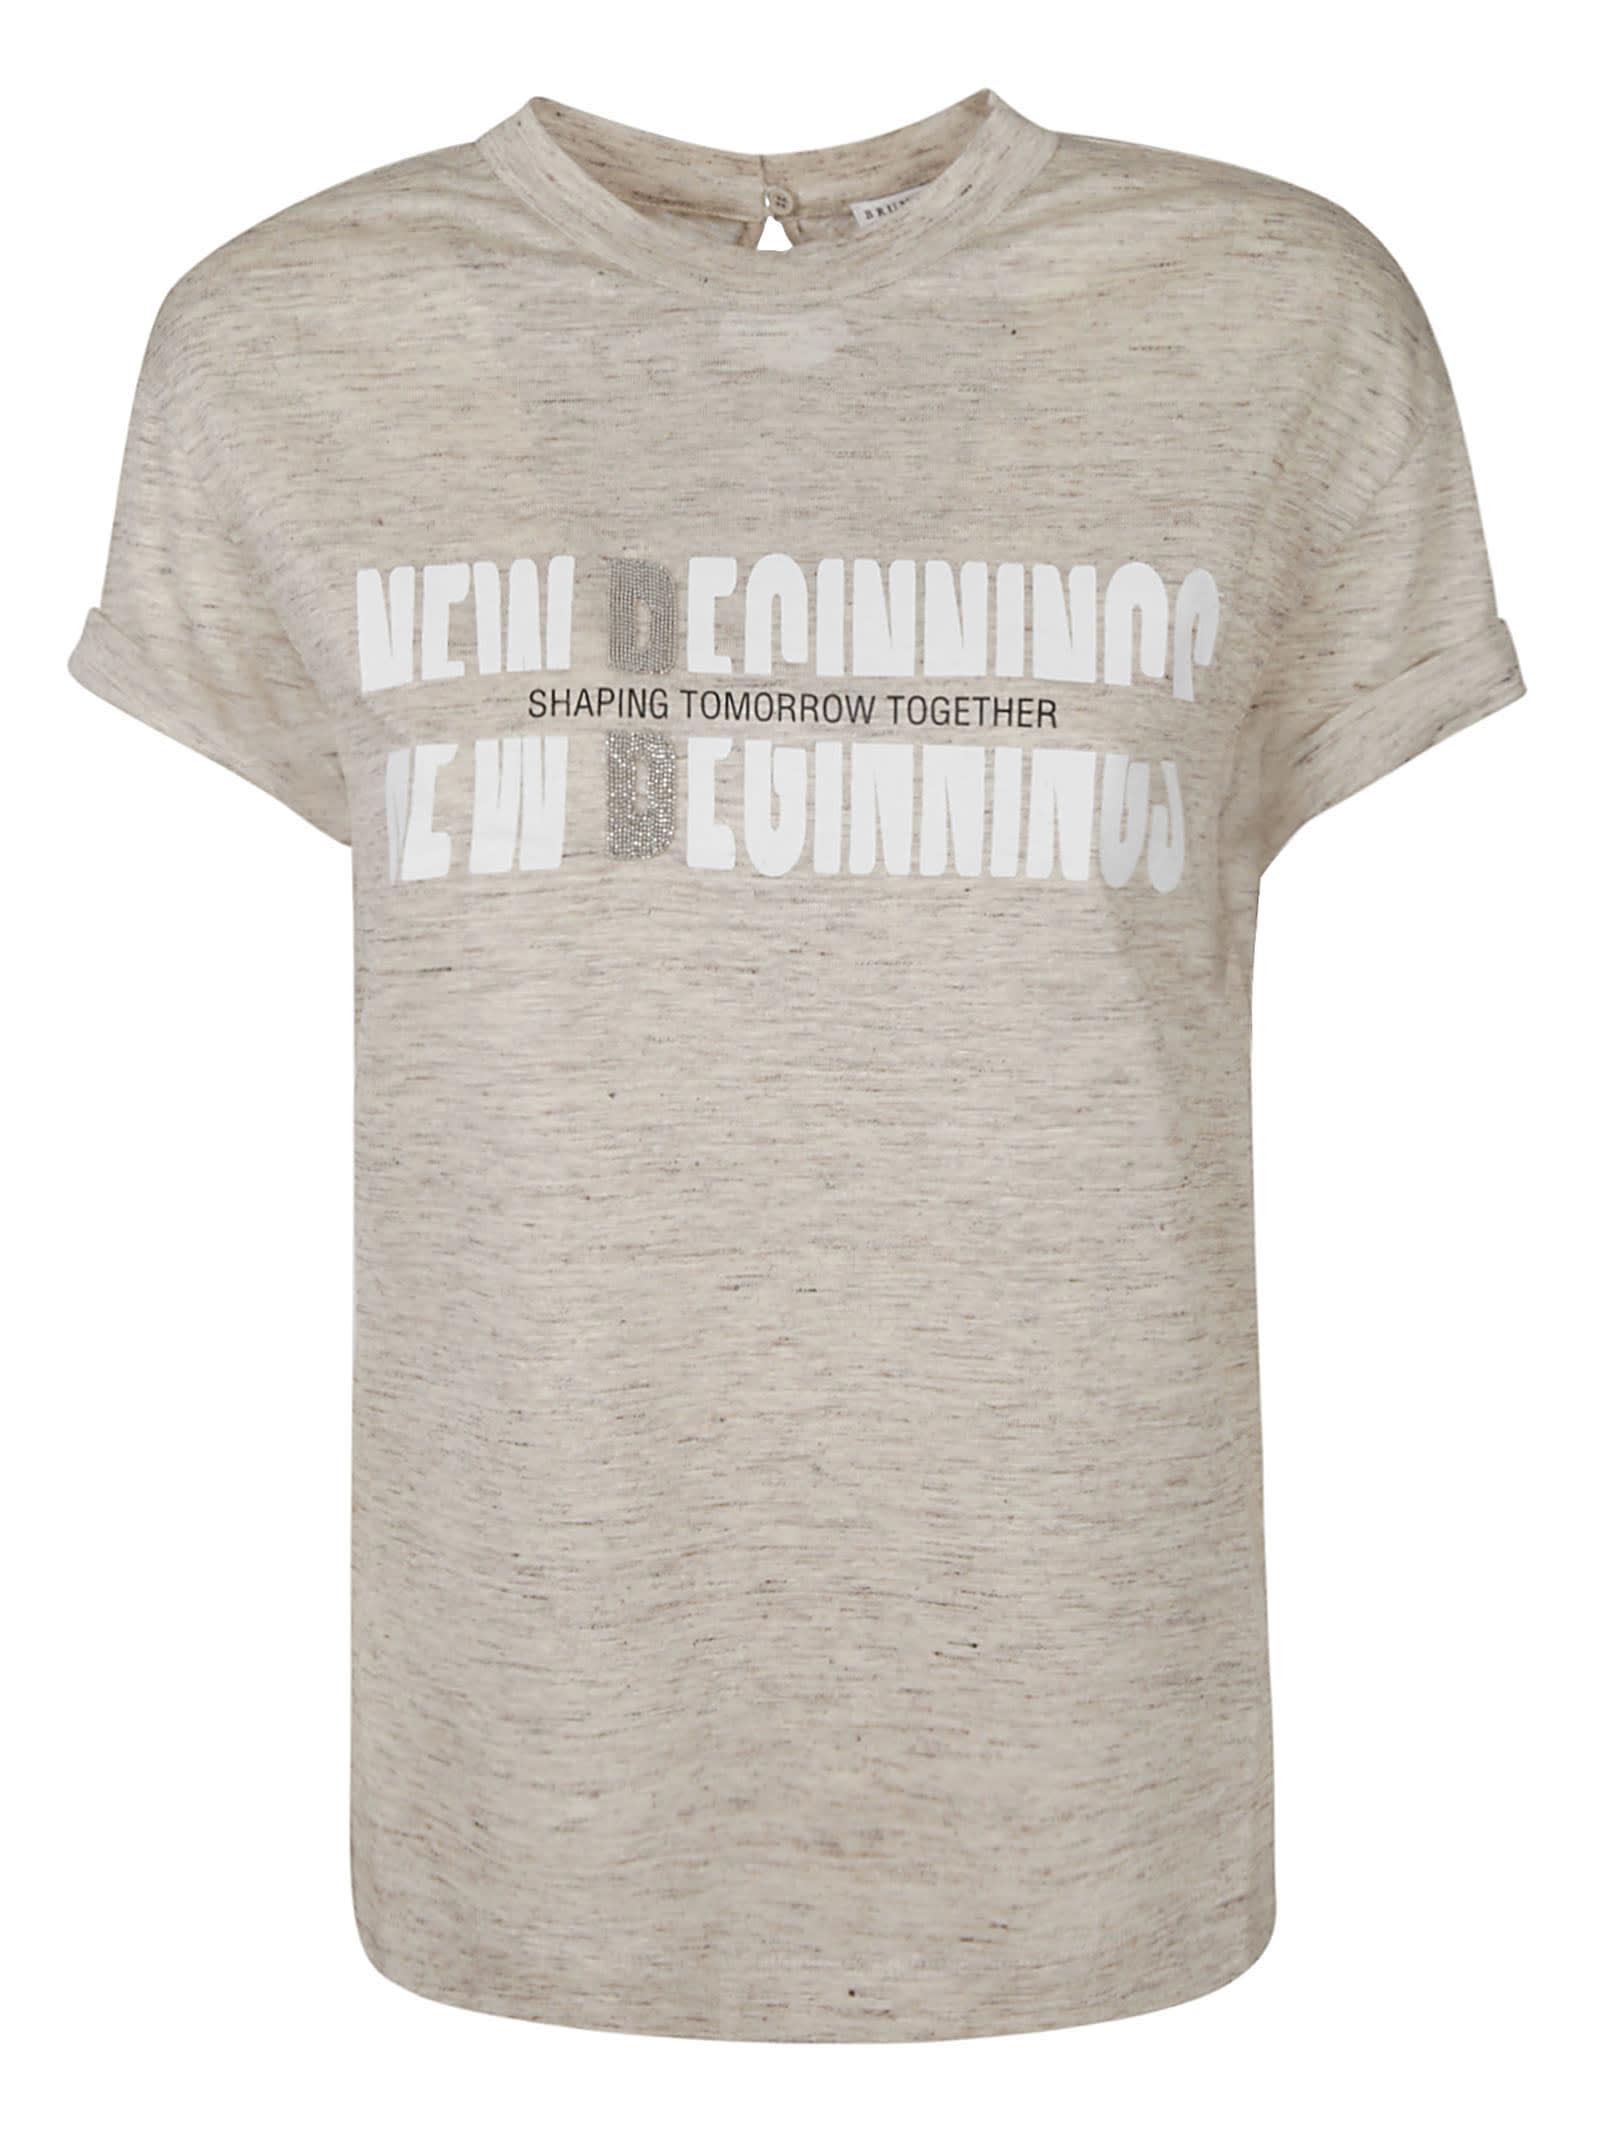 Brunello Cucinelli New Beginnings T-shirt